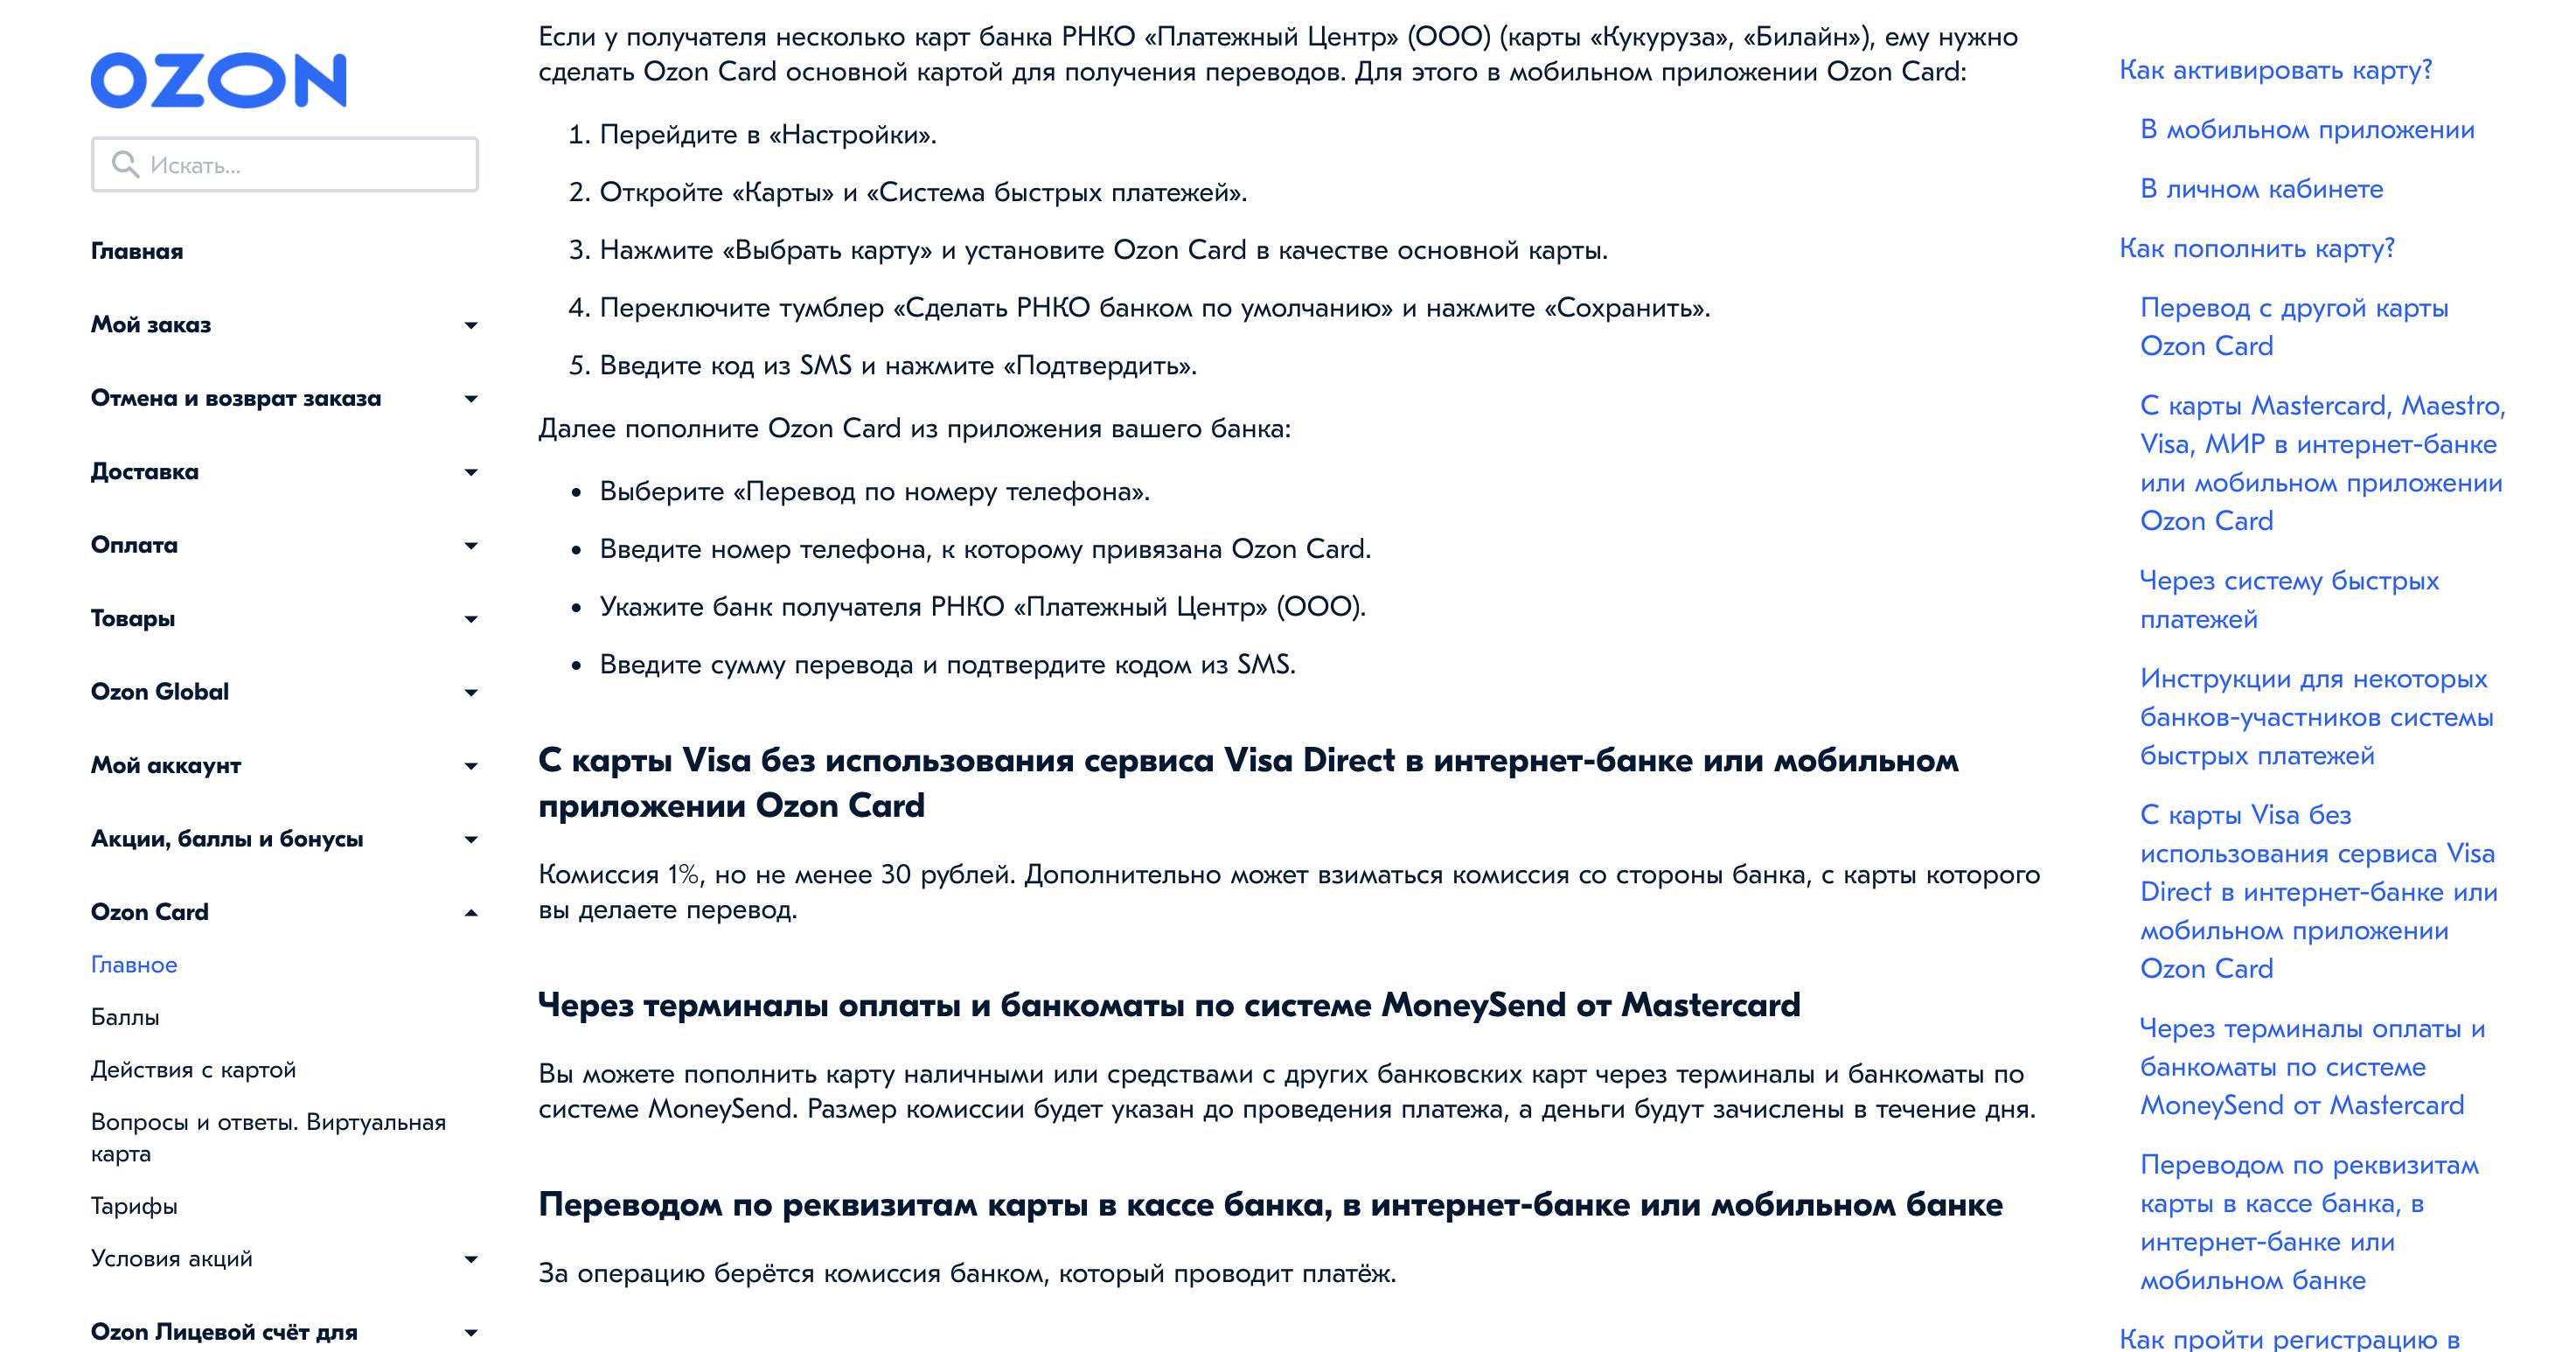 Как пополнить кэшбек карту OZON Card условия, комиссии